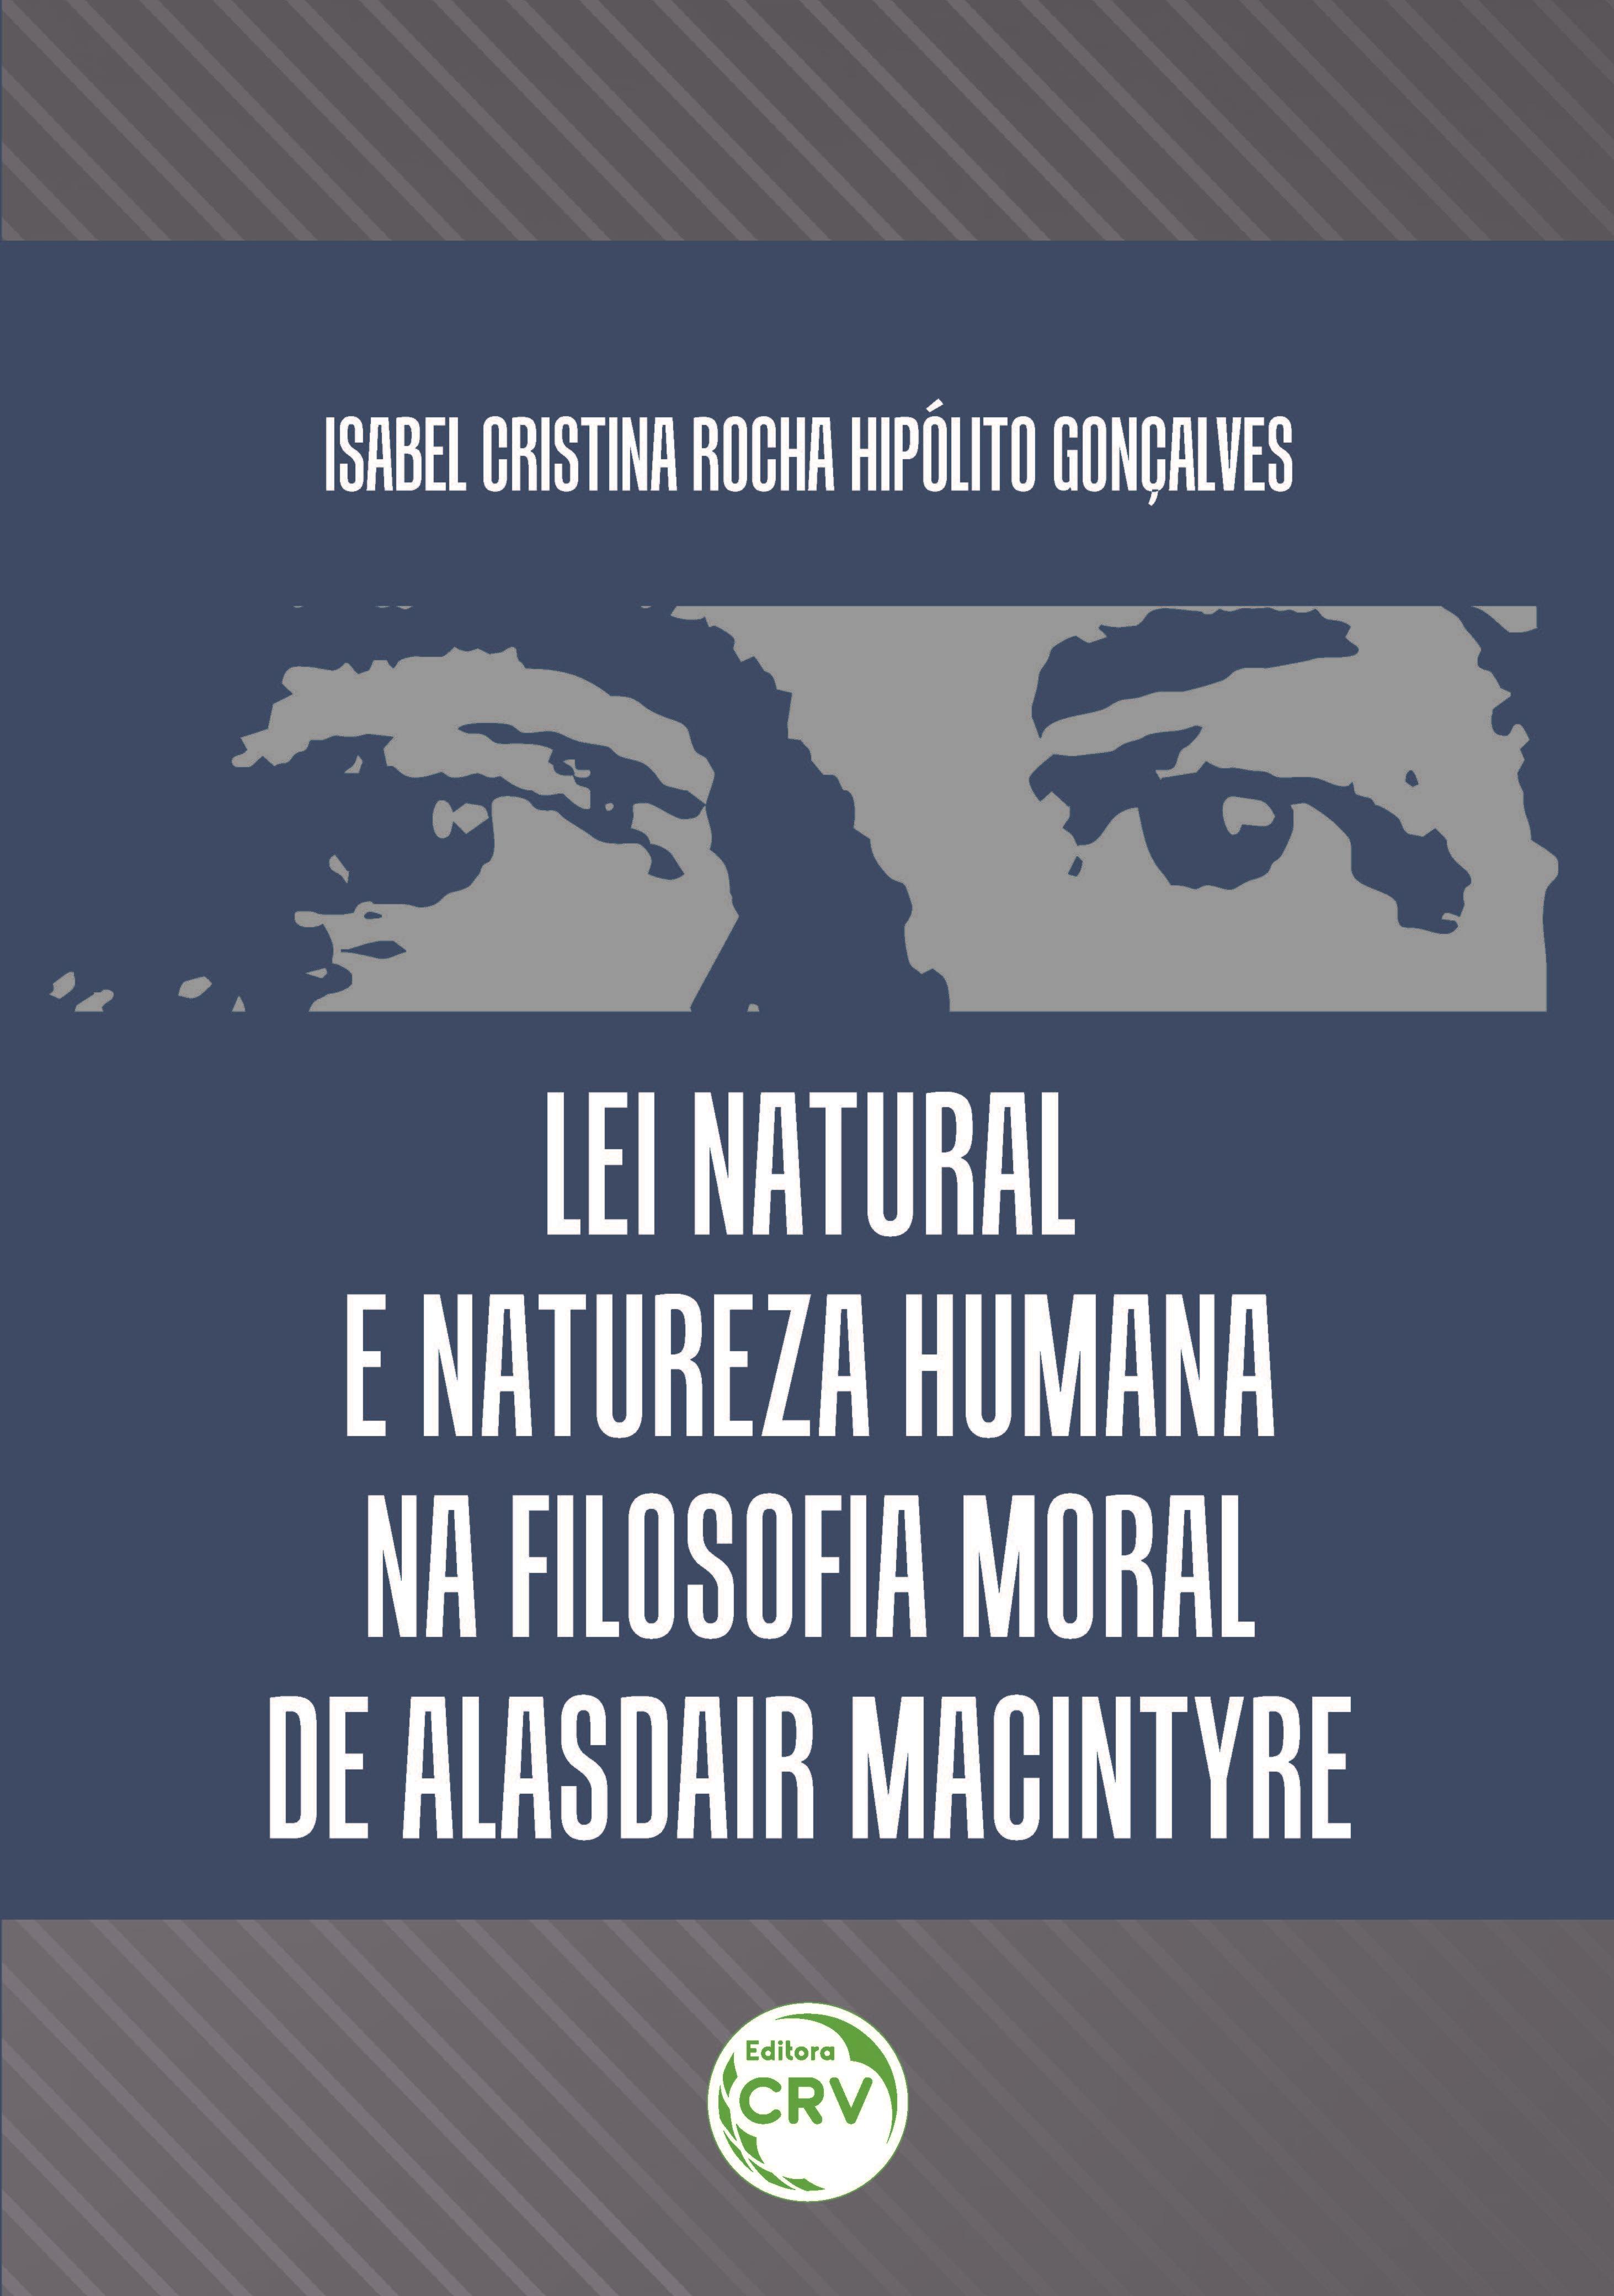 Capa do livro: LEI NATURAL E NATUREZA HUMANA NA FILOSOFIA MORAL DE ALASDAIR MACINTYRE